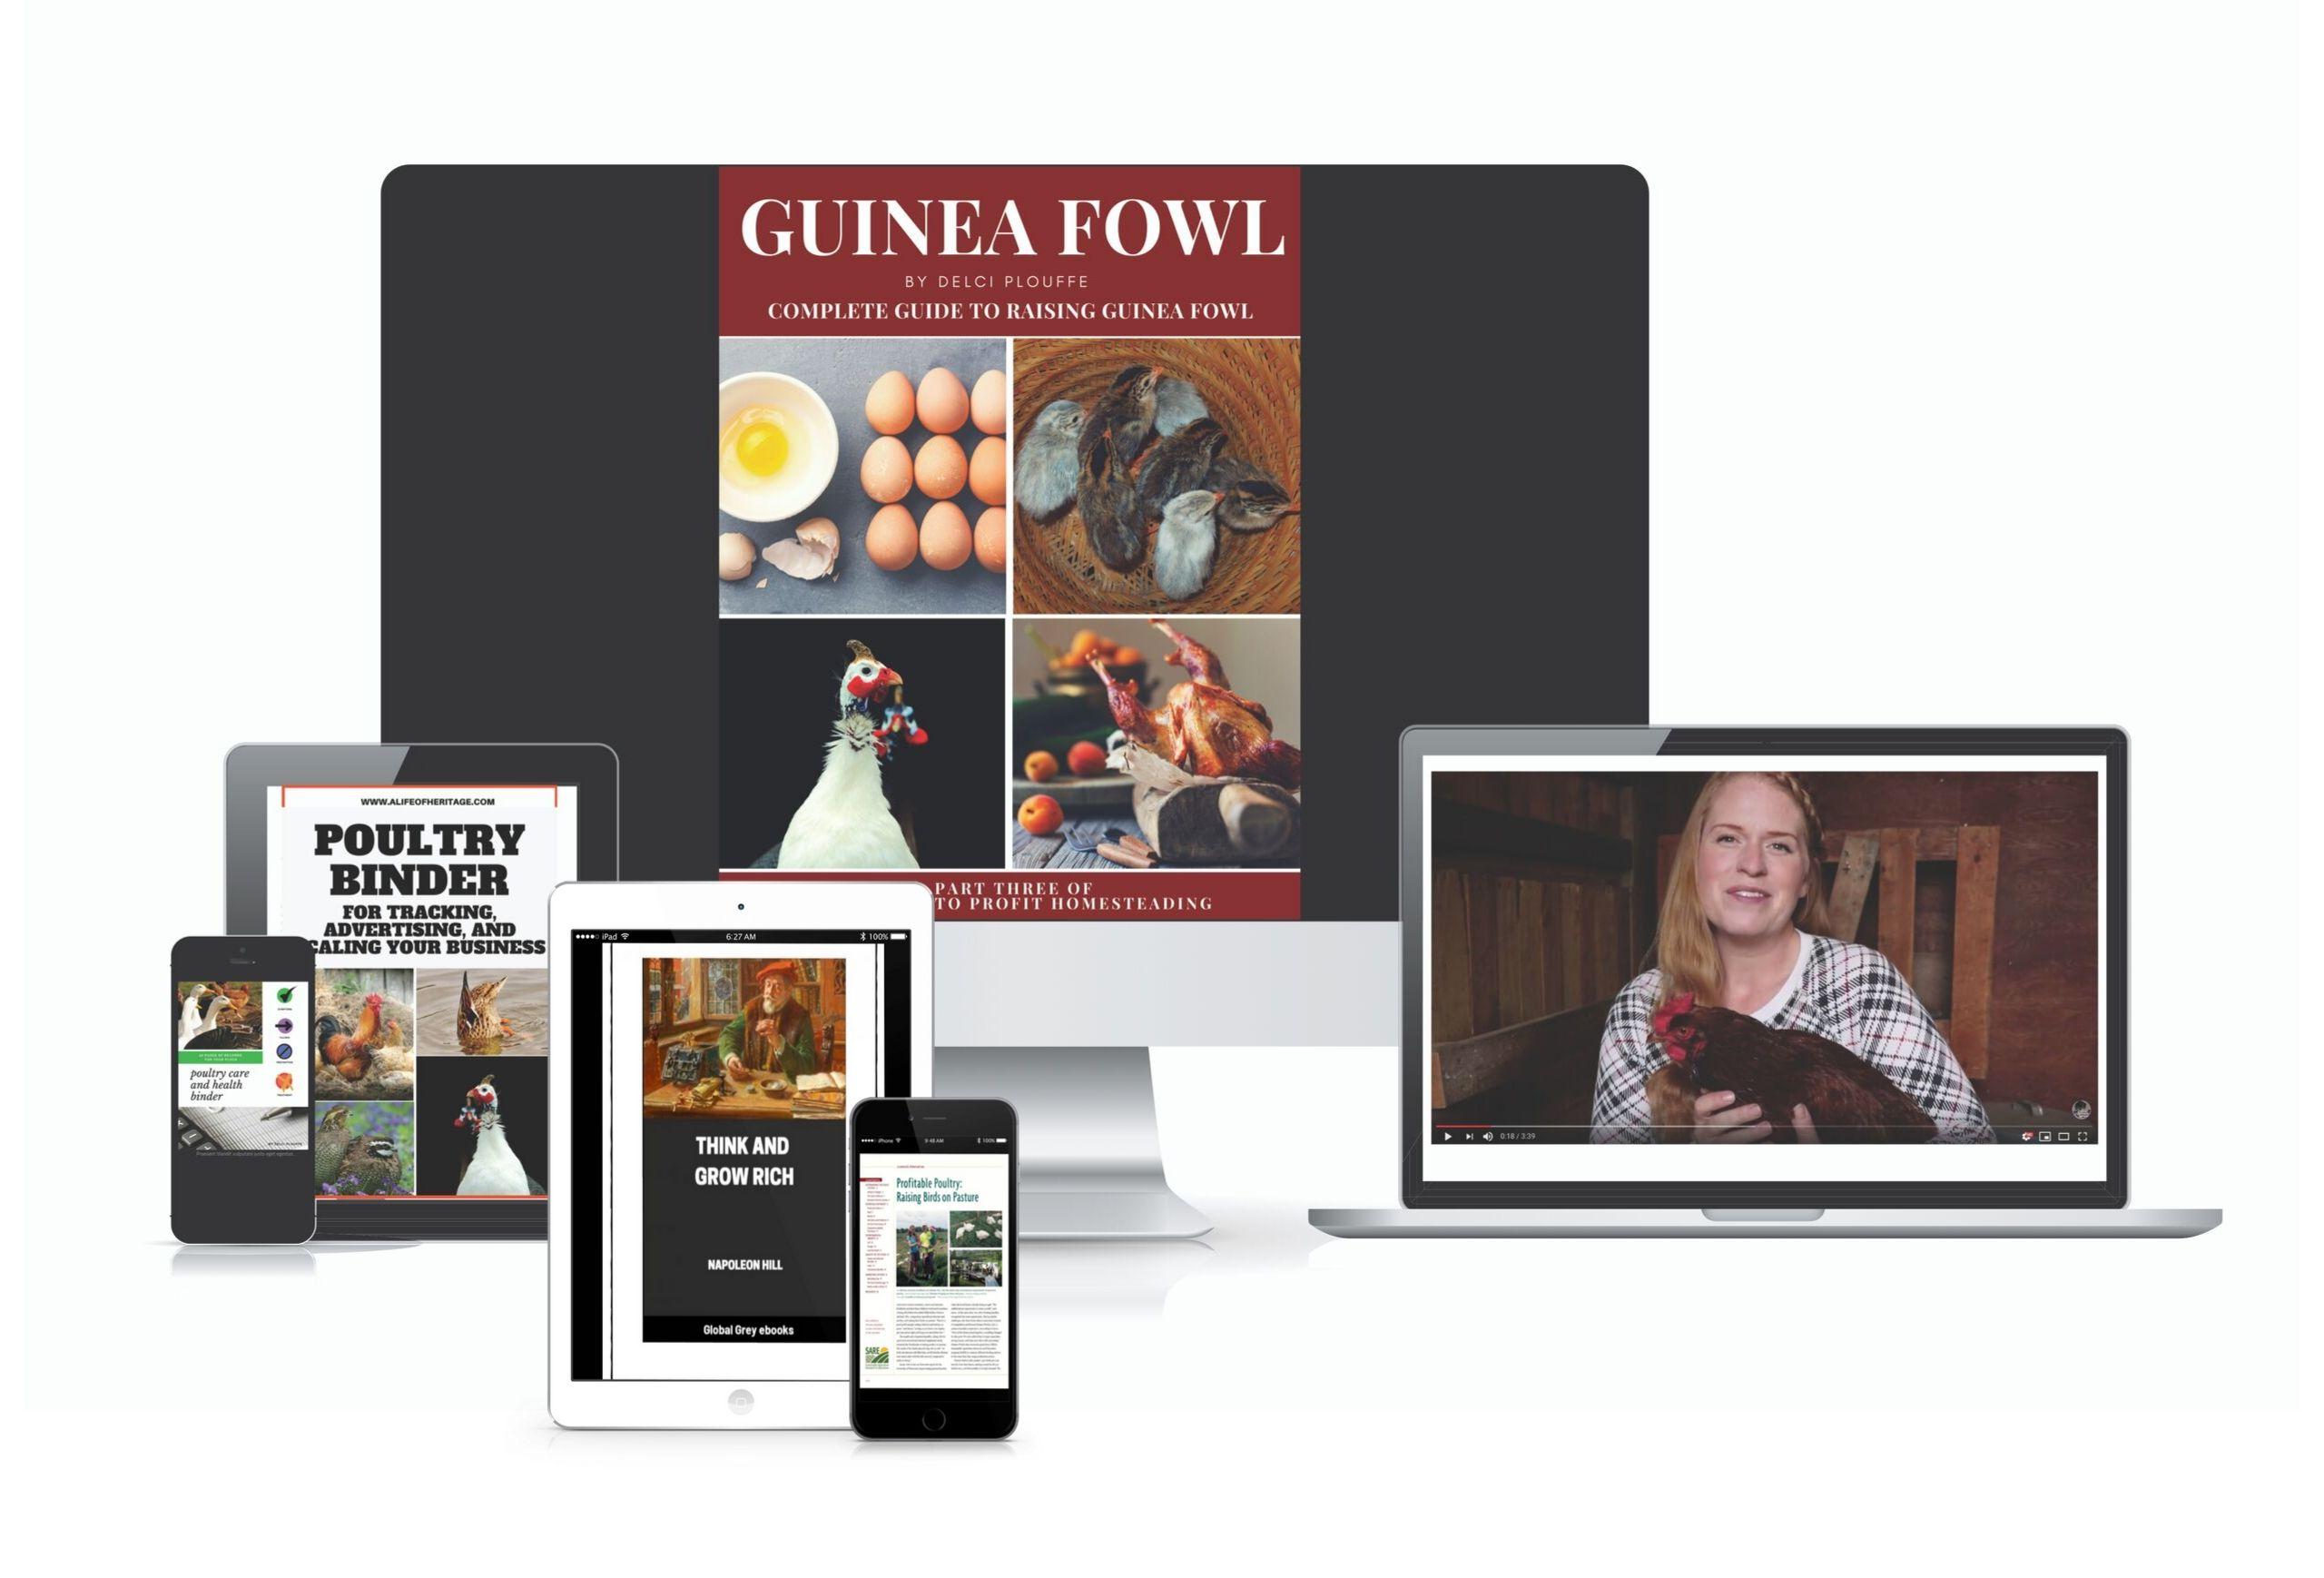 Guinea Fowl And Bonuses